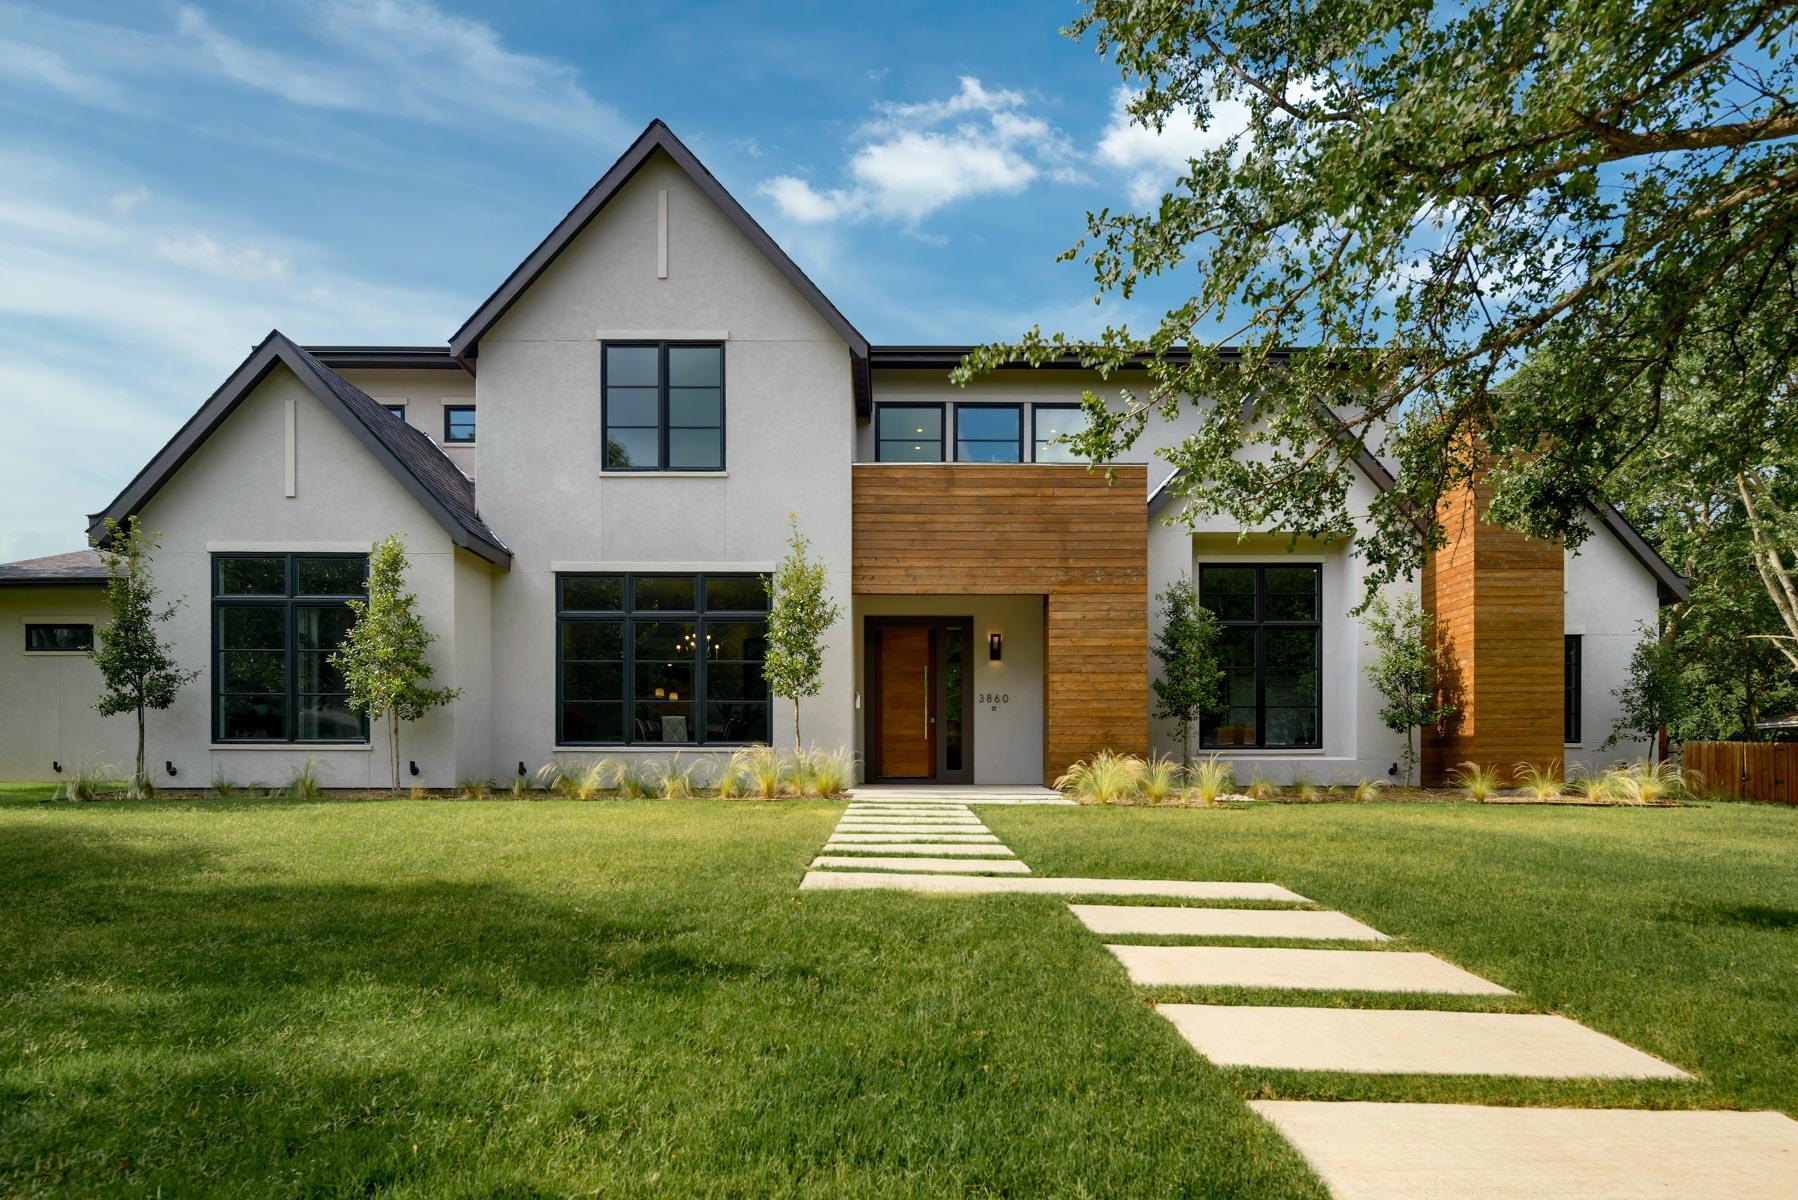 단독 가정 주택 용 매매 에 Sophisticated Modern 3860 Constitution Dr Dallas, 텍사스, 75229 미국